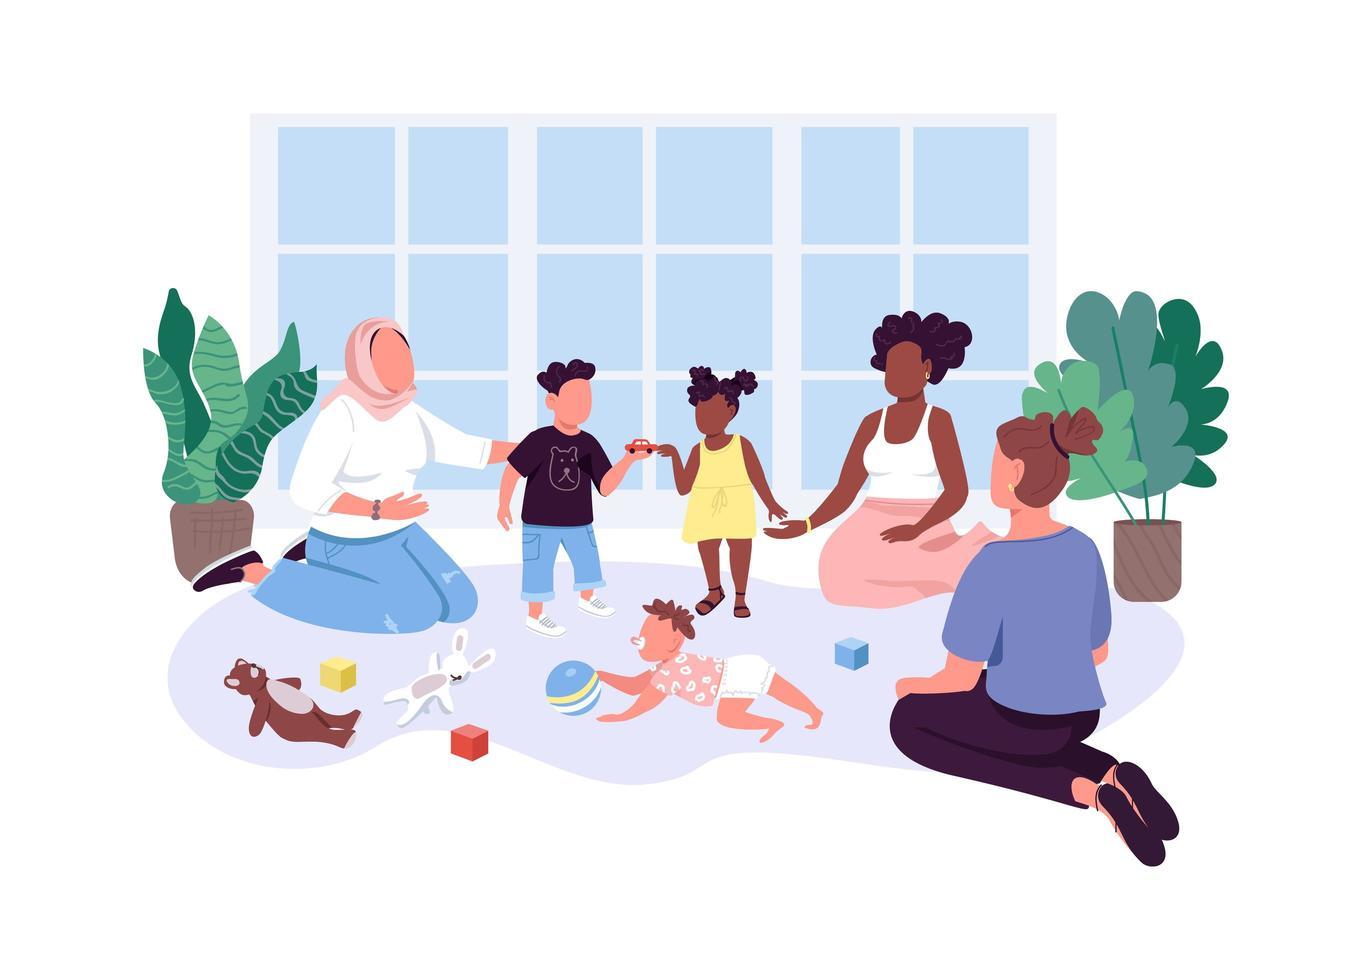 mamma-baby grupp platt färg vektor ansiktslösa tecken